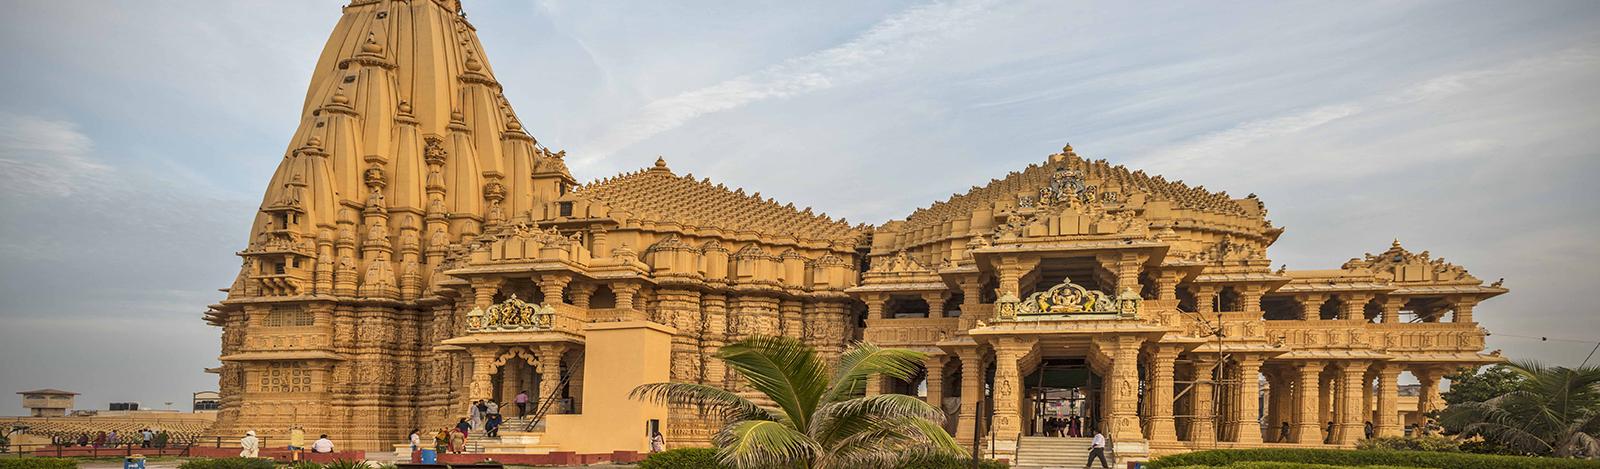 Dwadash (12) Jyotirlinga Temples Tour Package